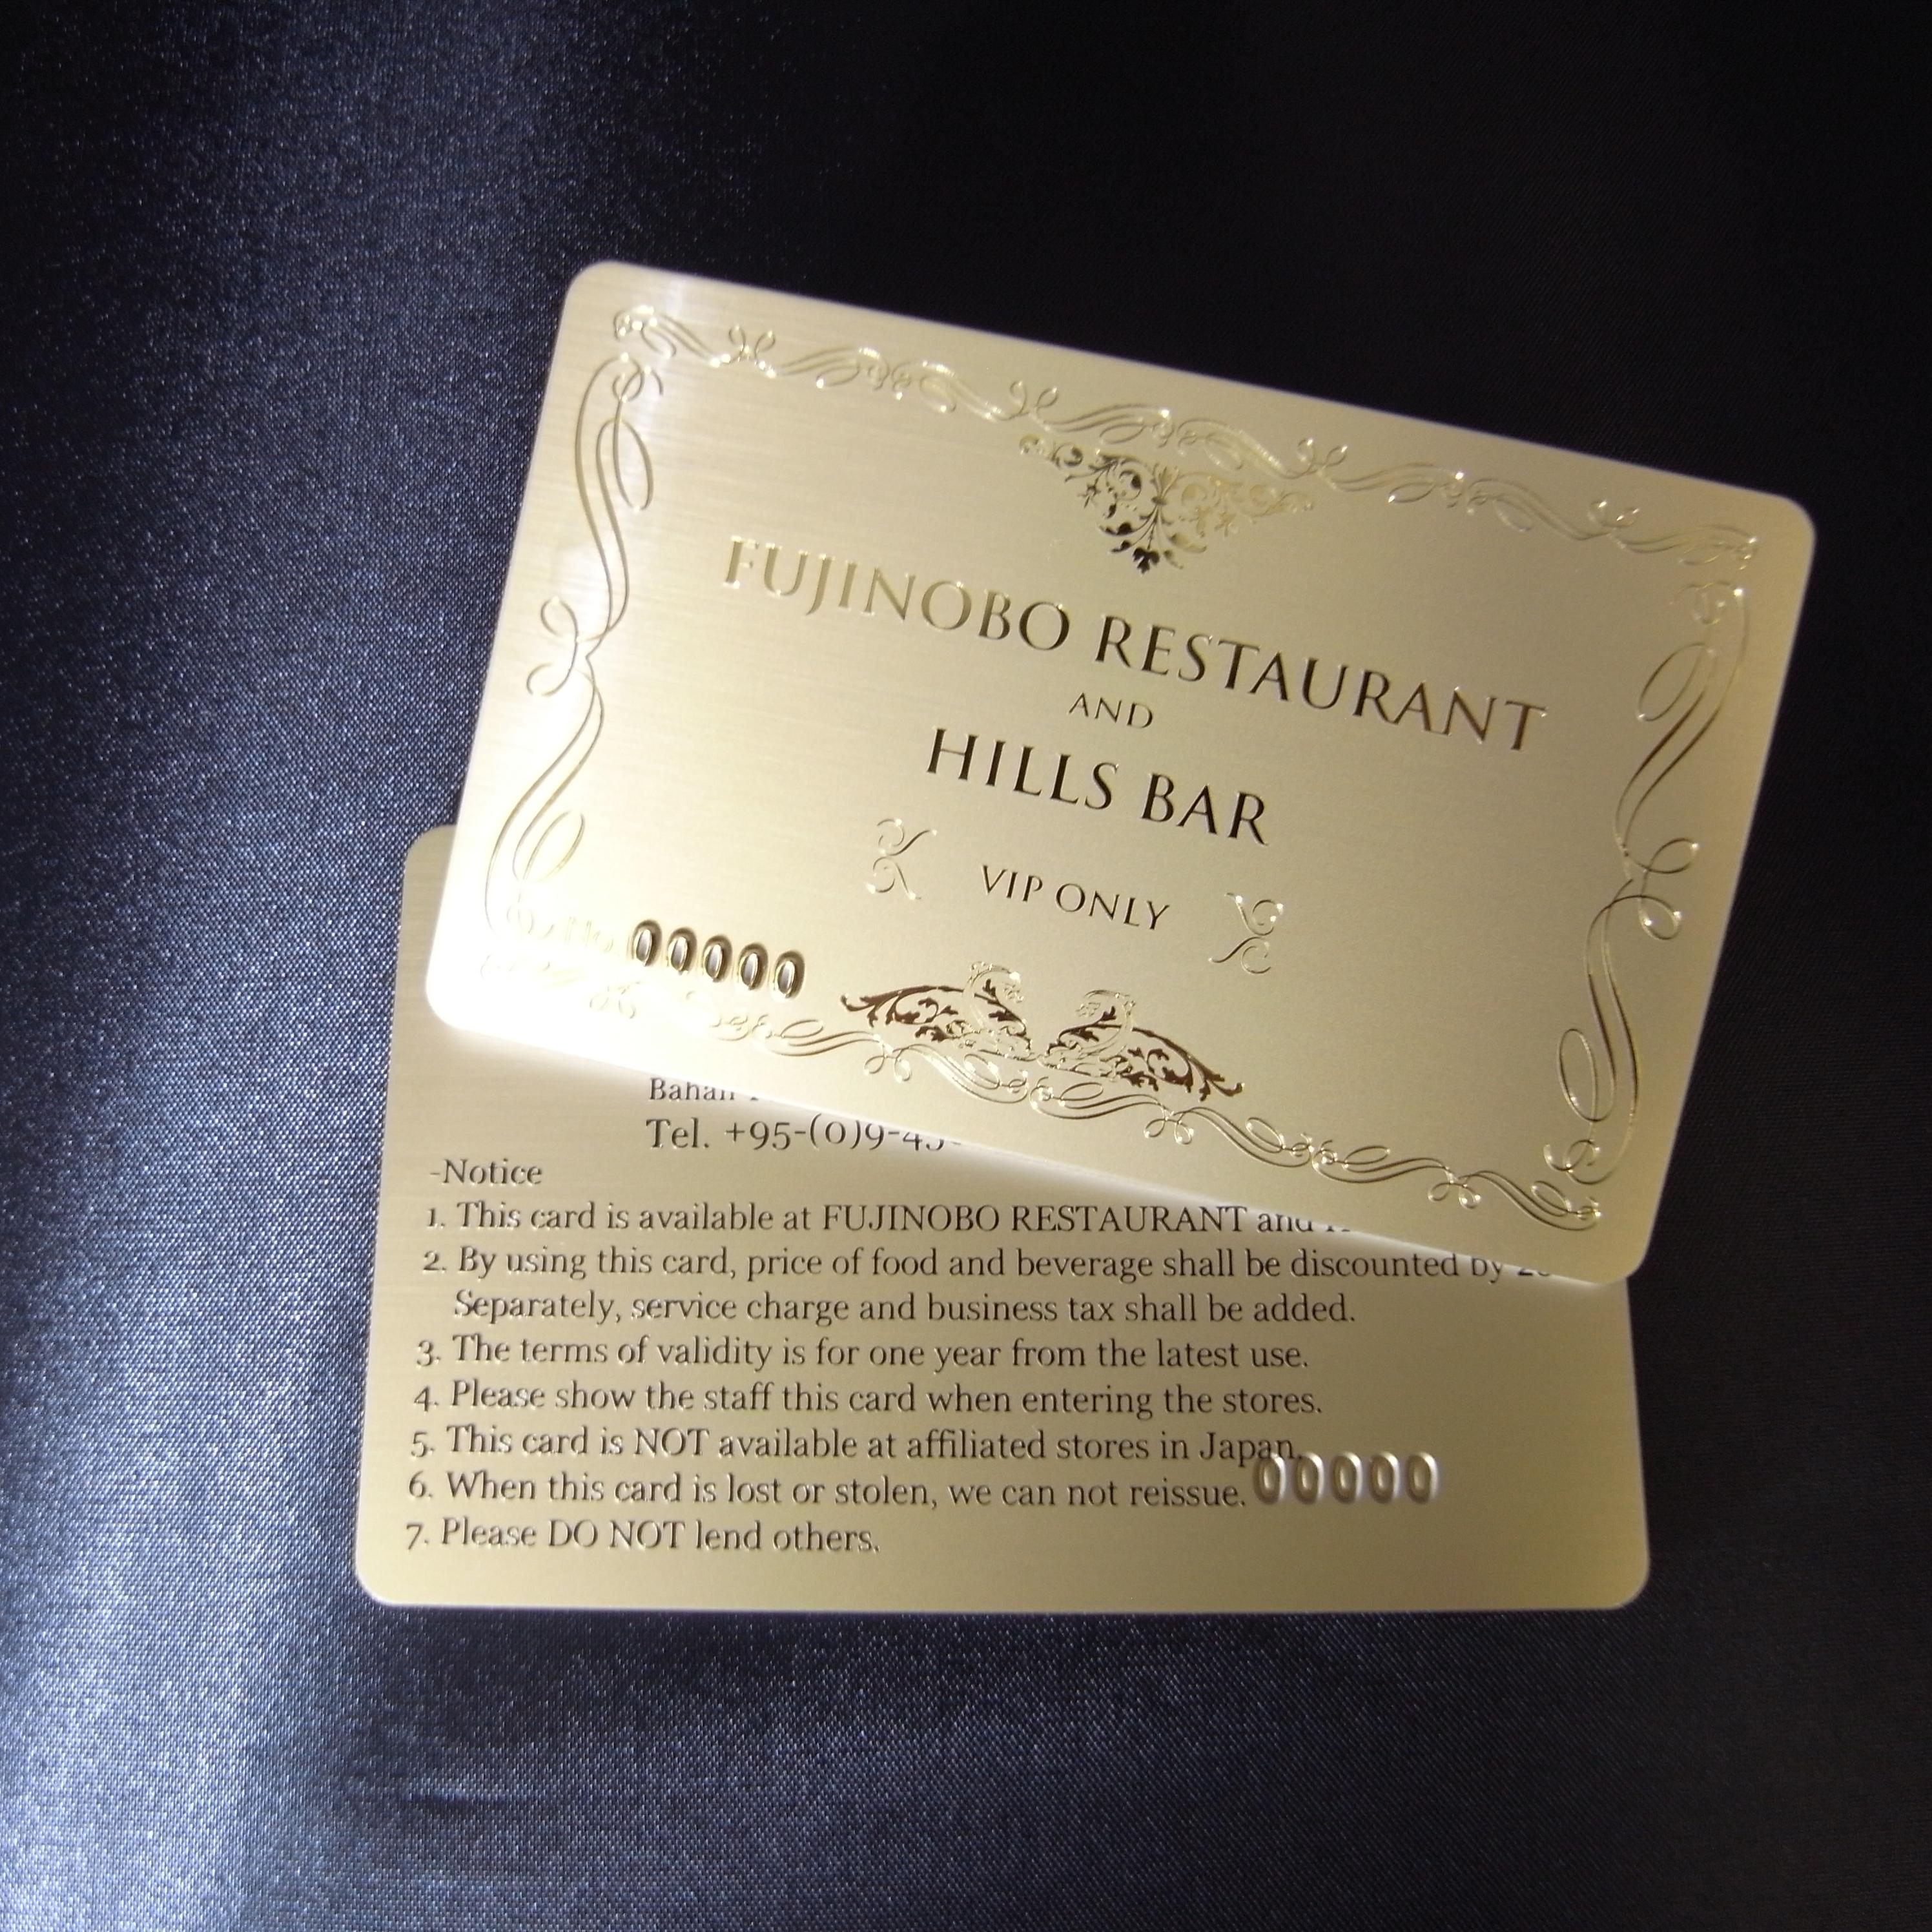 Fujinobo会員カード